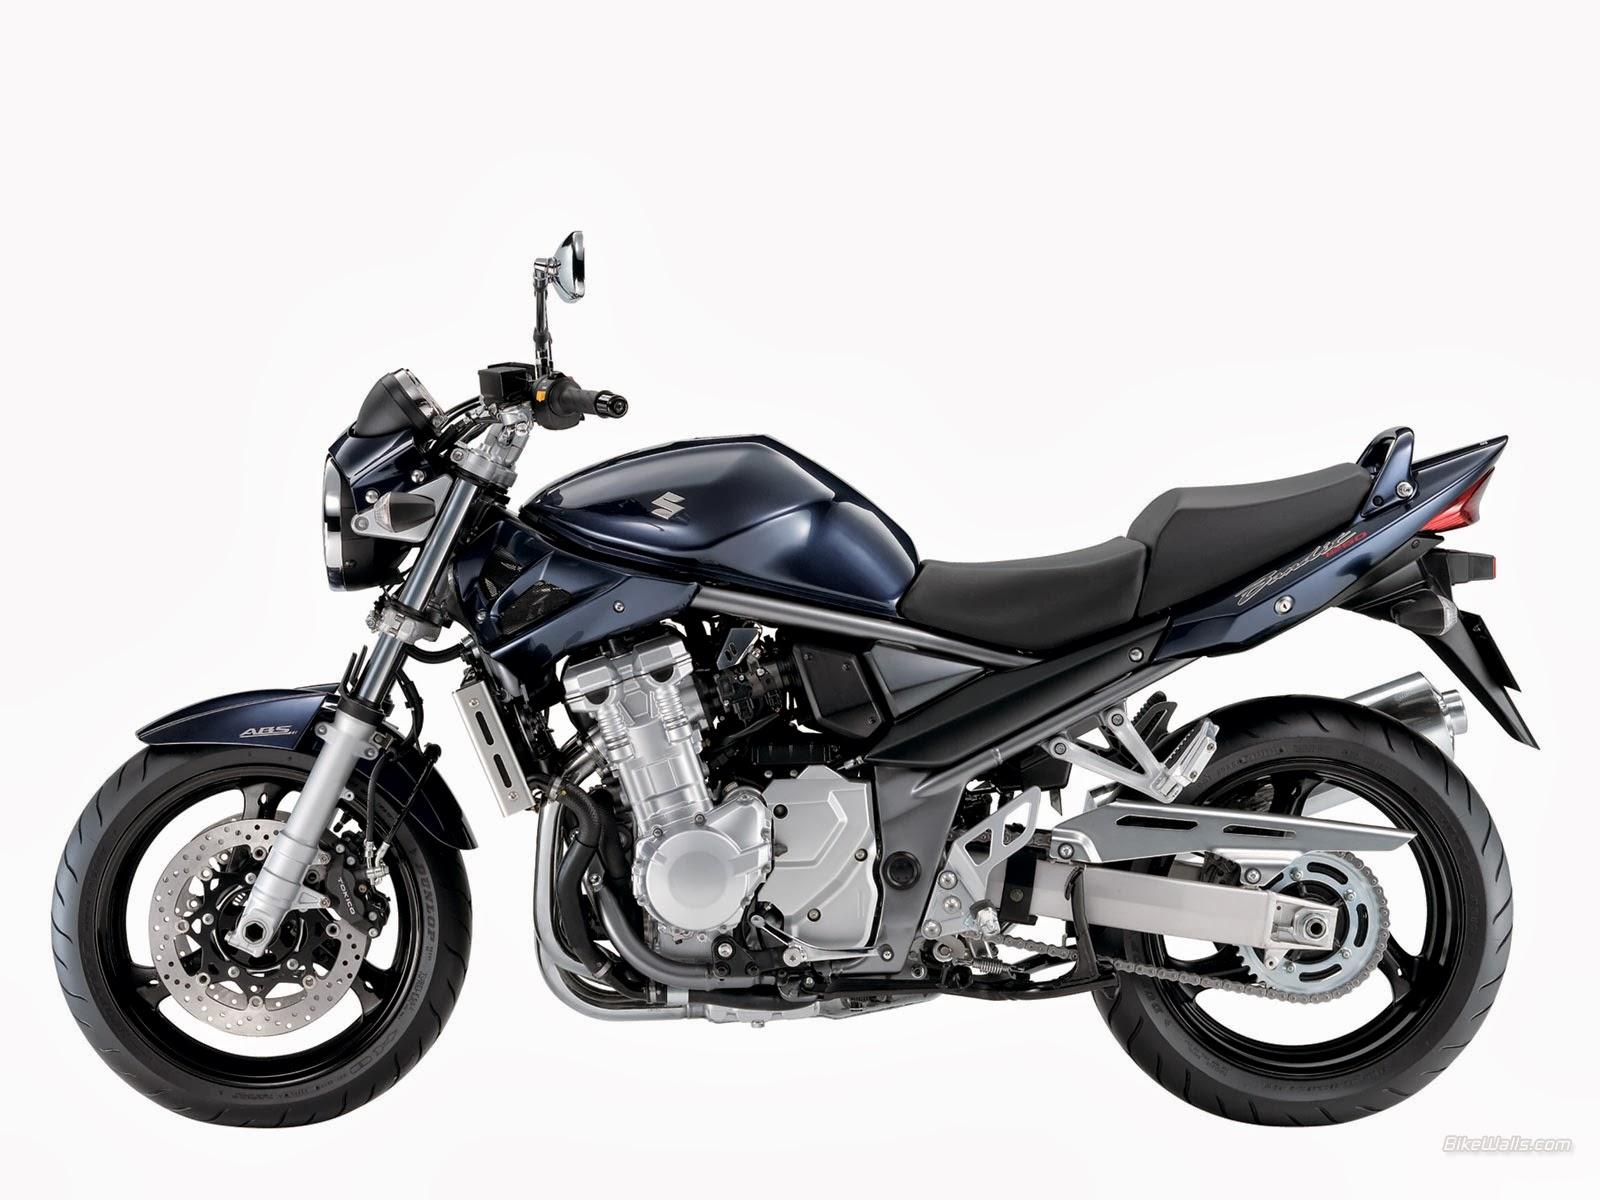 Suzuki Bandit 1250 - Suzuki Motor